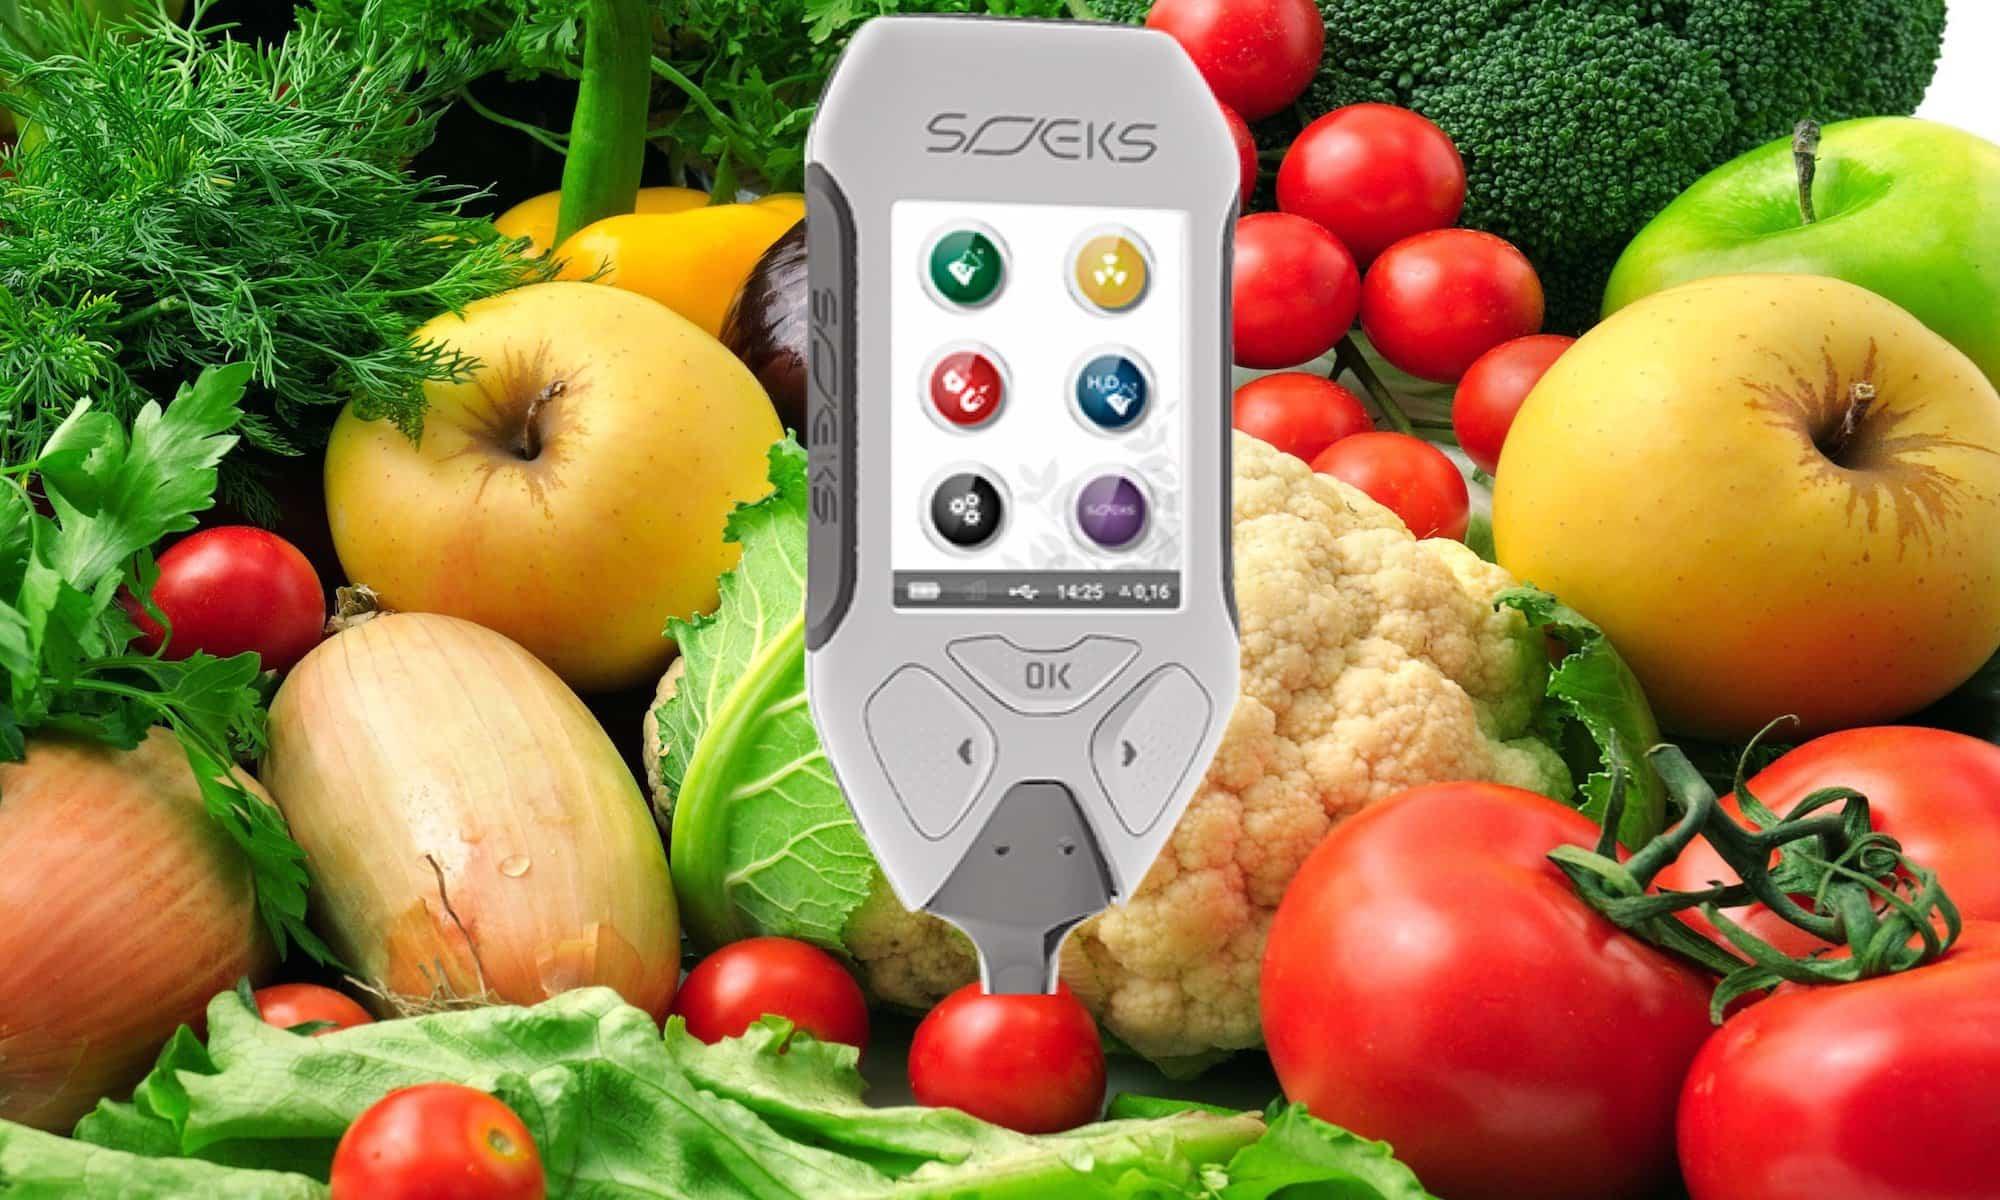 Testing with SOEKS EcoVisor F4 (Nitrate Tester, Dosimeter, EMF meter, TDS meter)